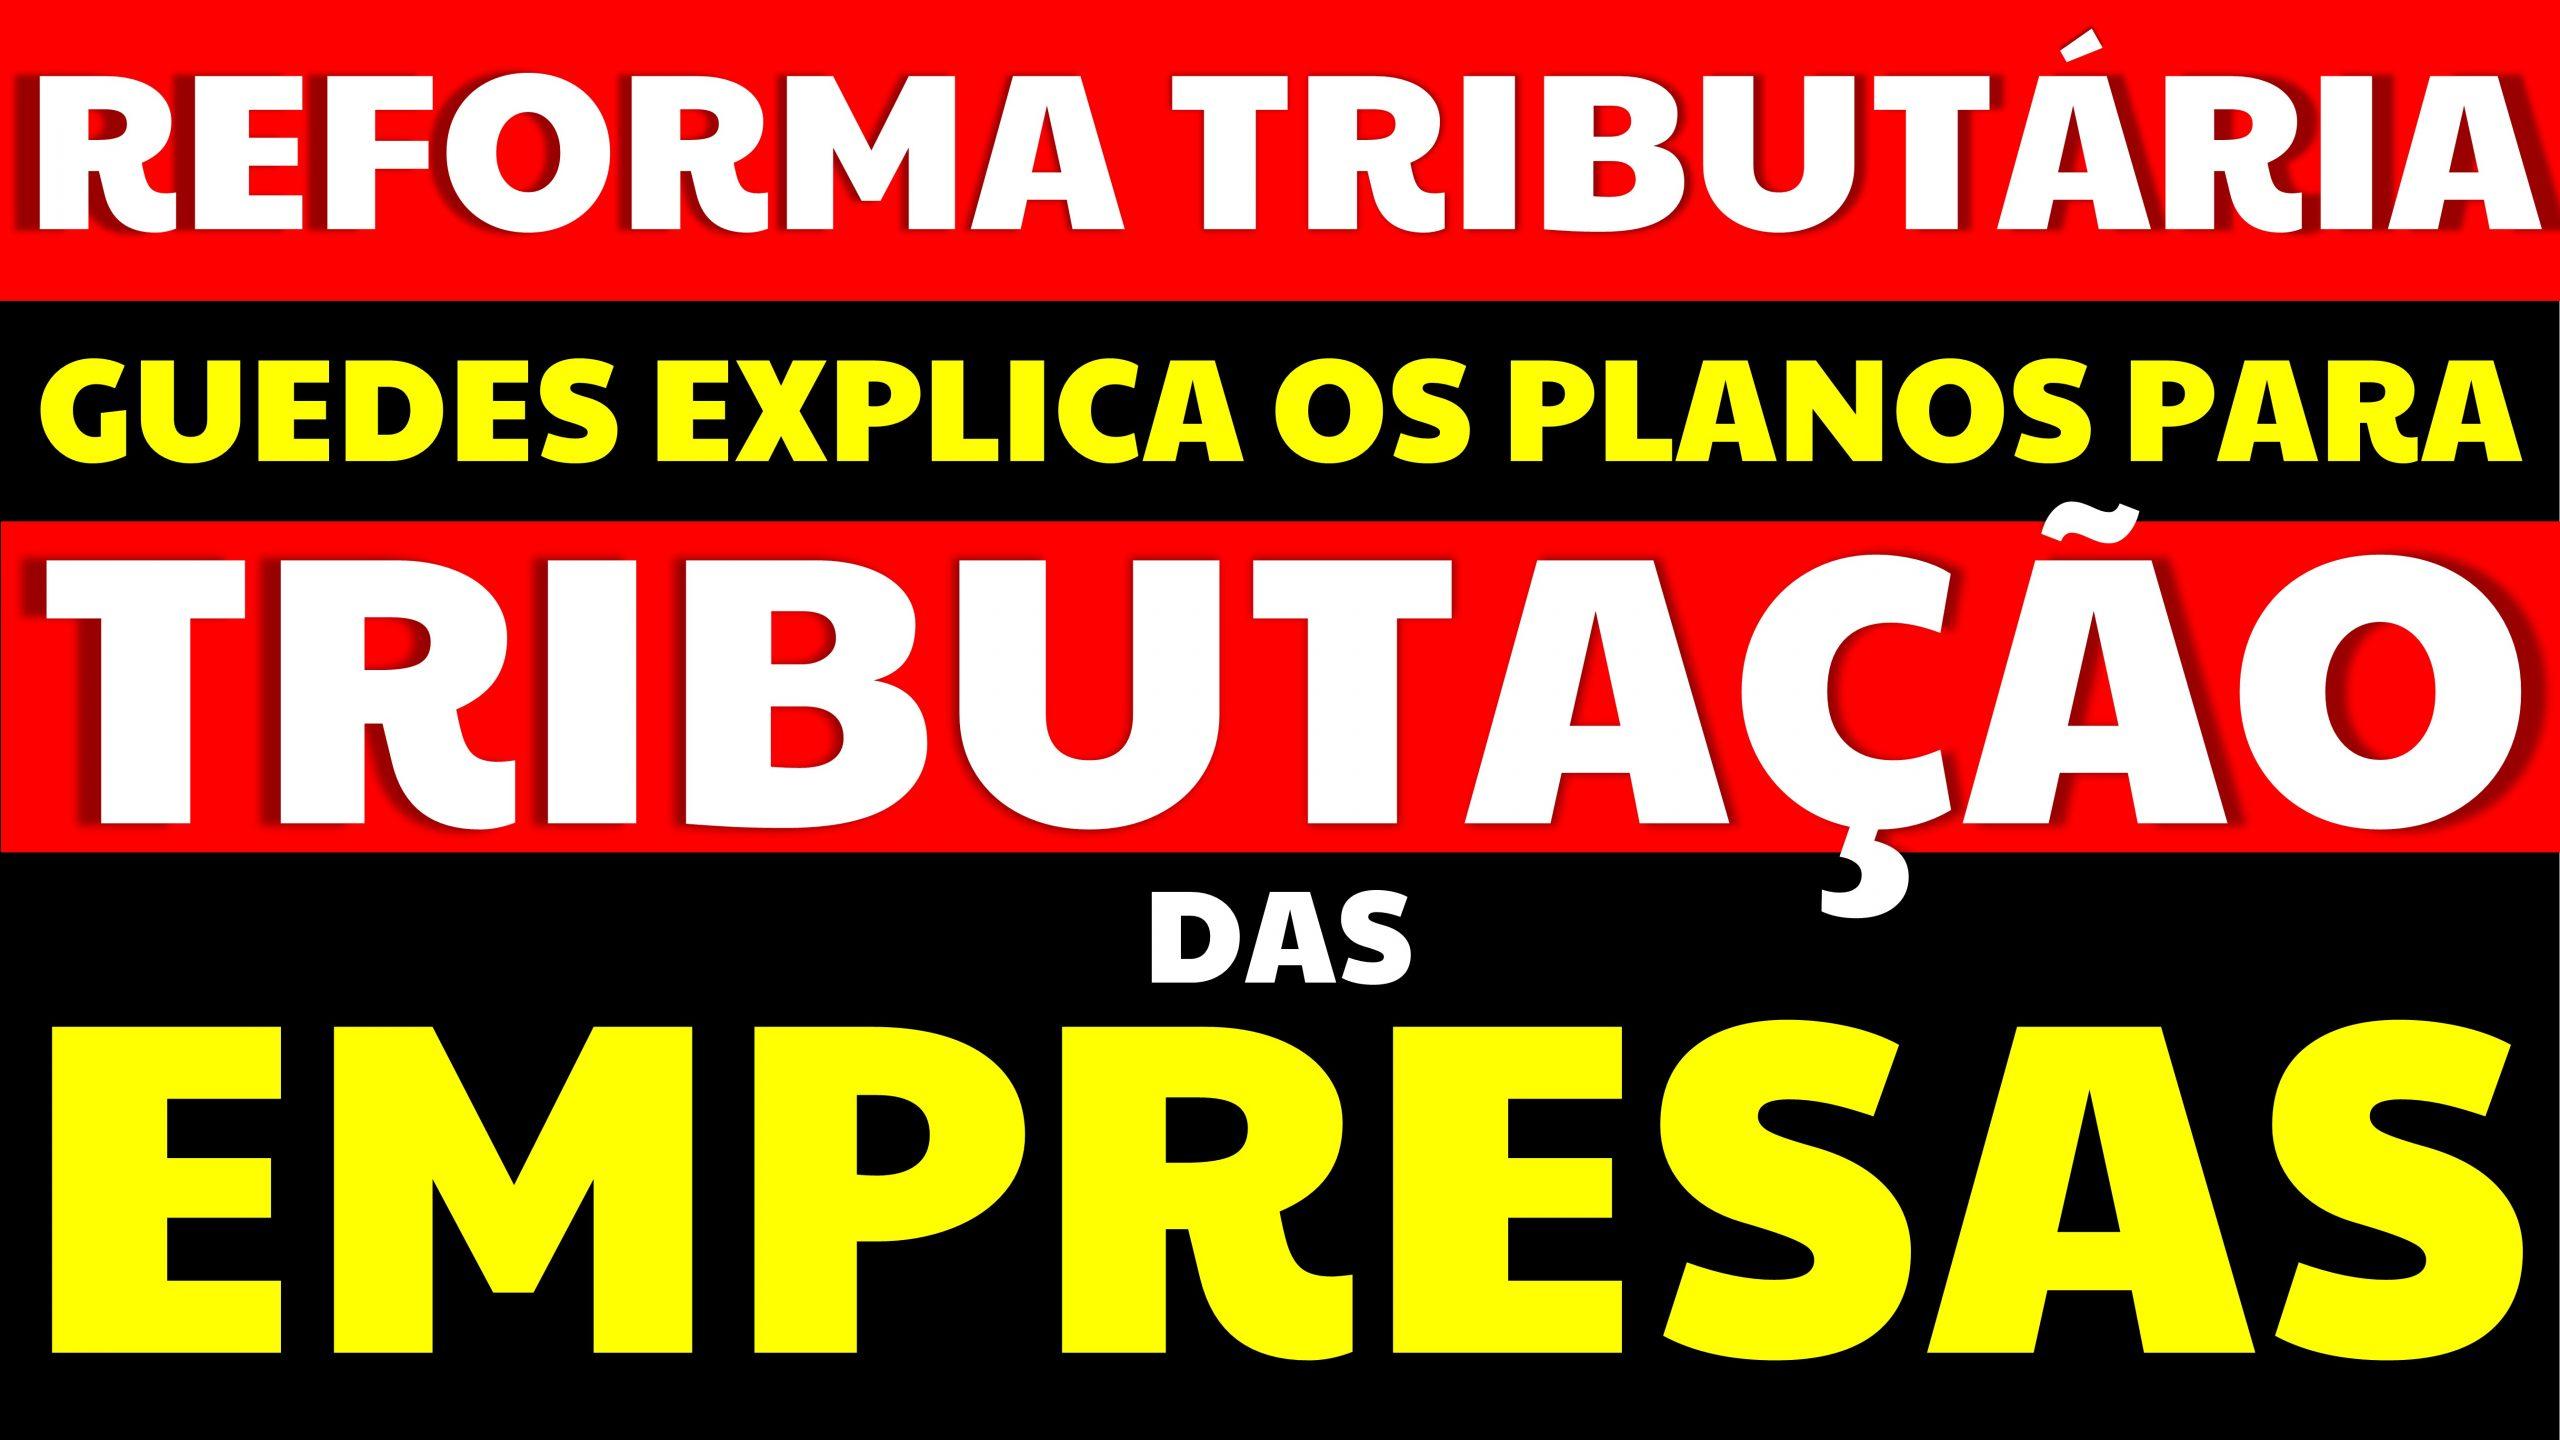 You are currently viewing Reforma Tributária: Guedes explica seus planos para a tributação das empresas